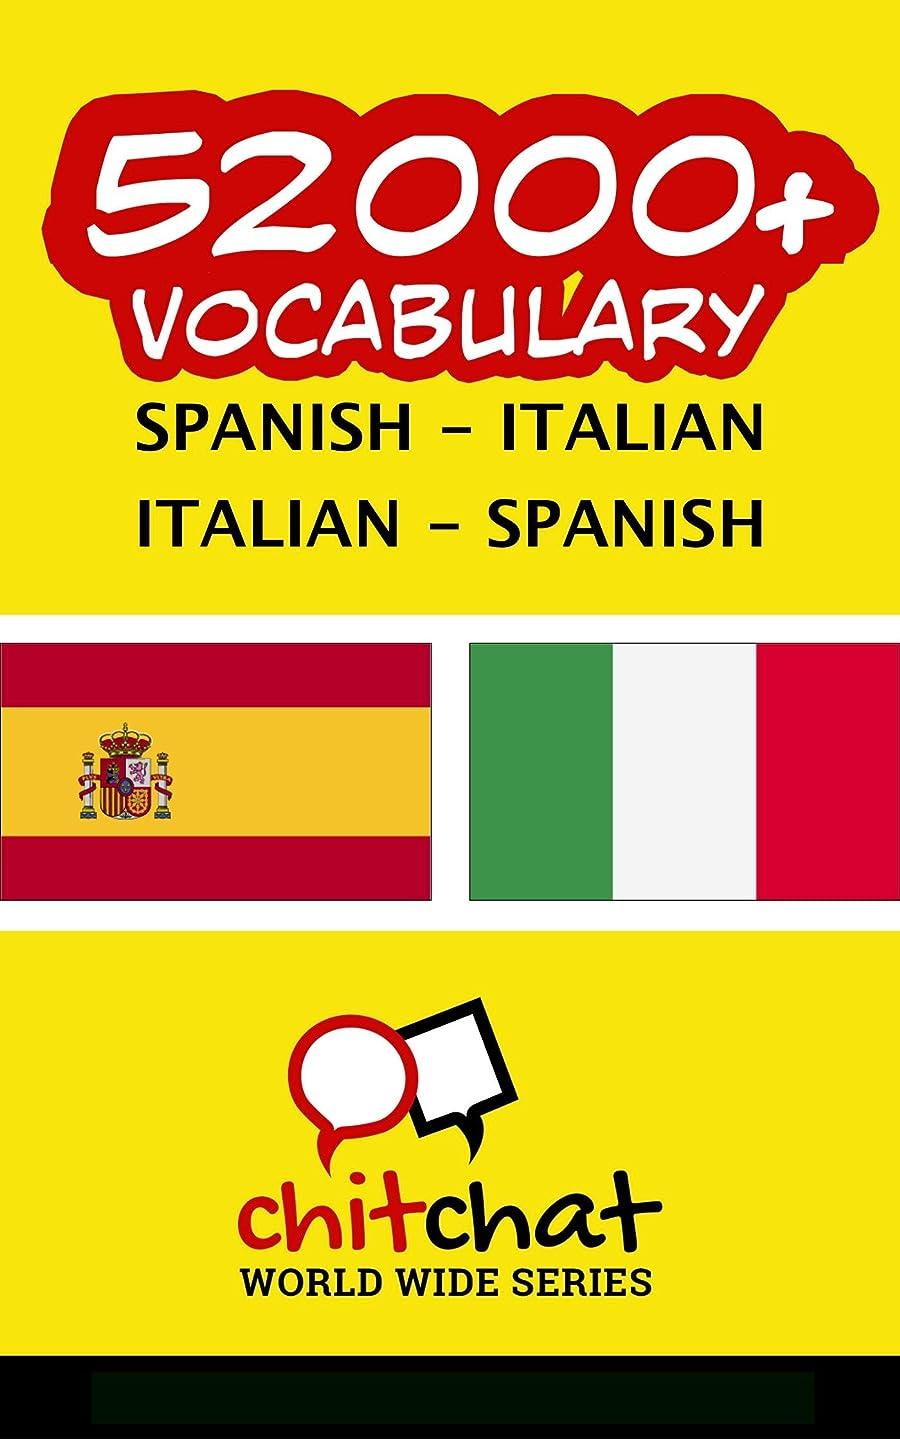 無意識リファイン高層ビル52000+ Spanish - Italian Italian - Spanish Vocabulary (Spanish Edition)